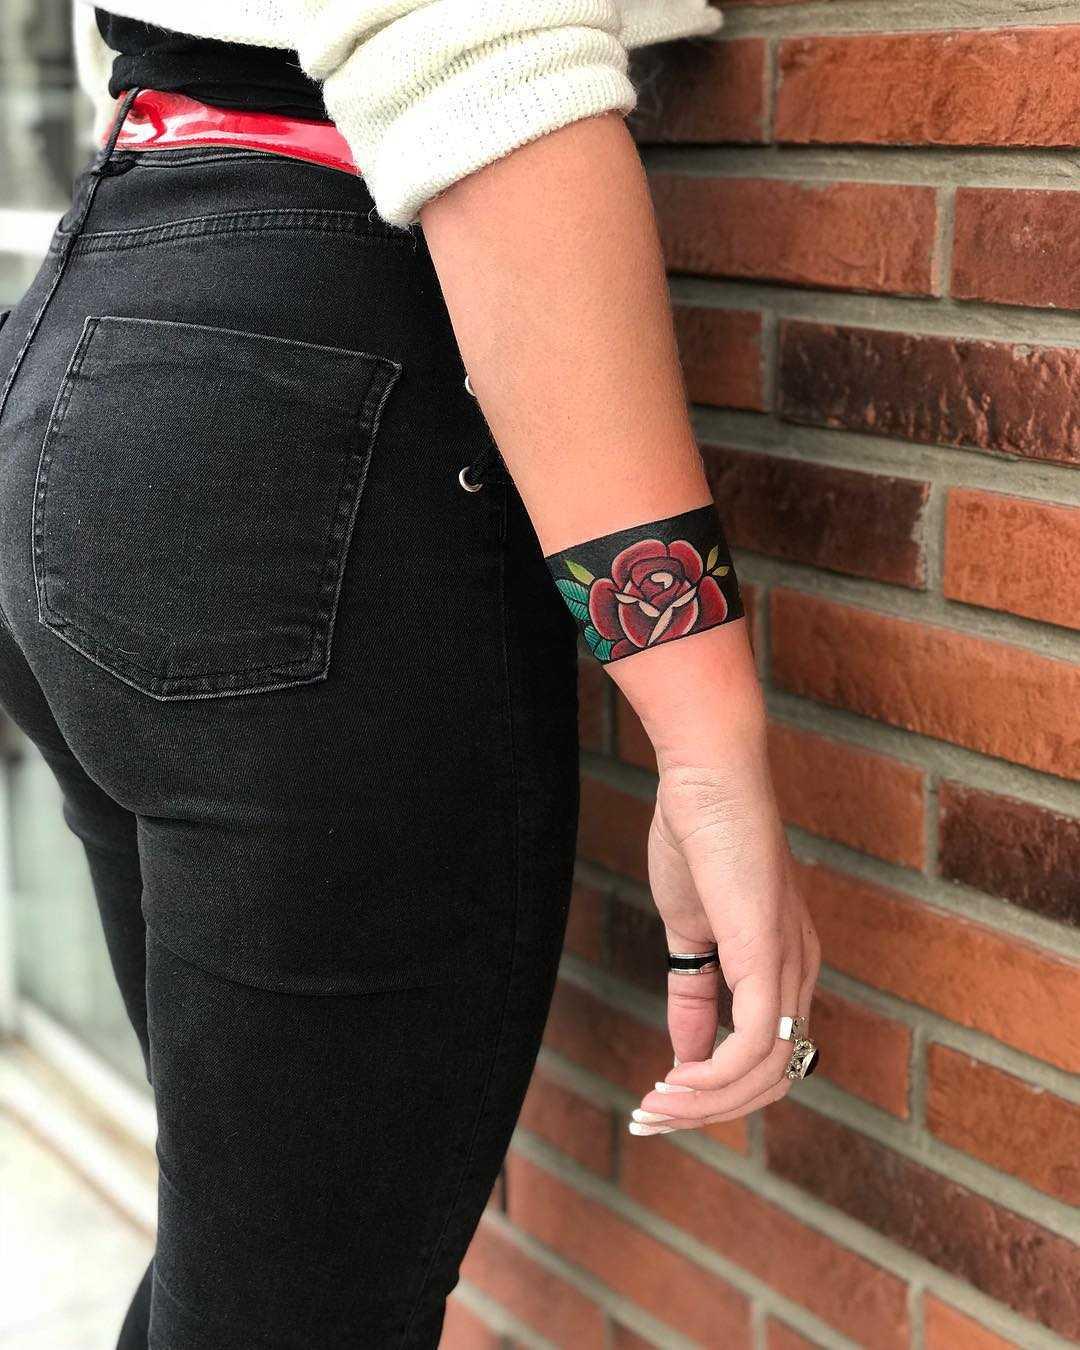 Rose armband by tattooist Alejo GMZ